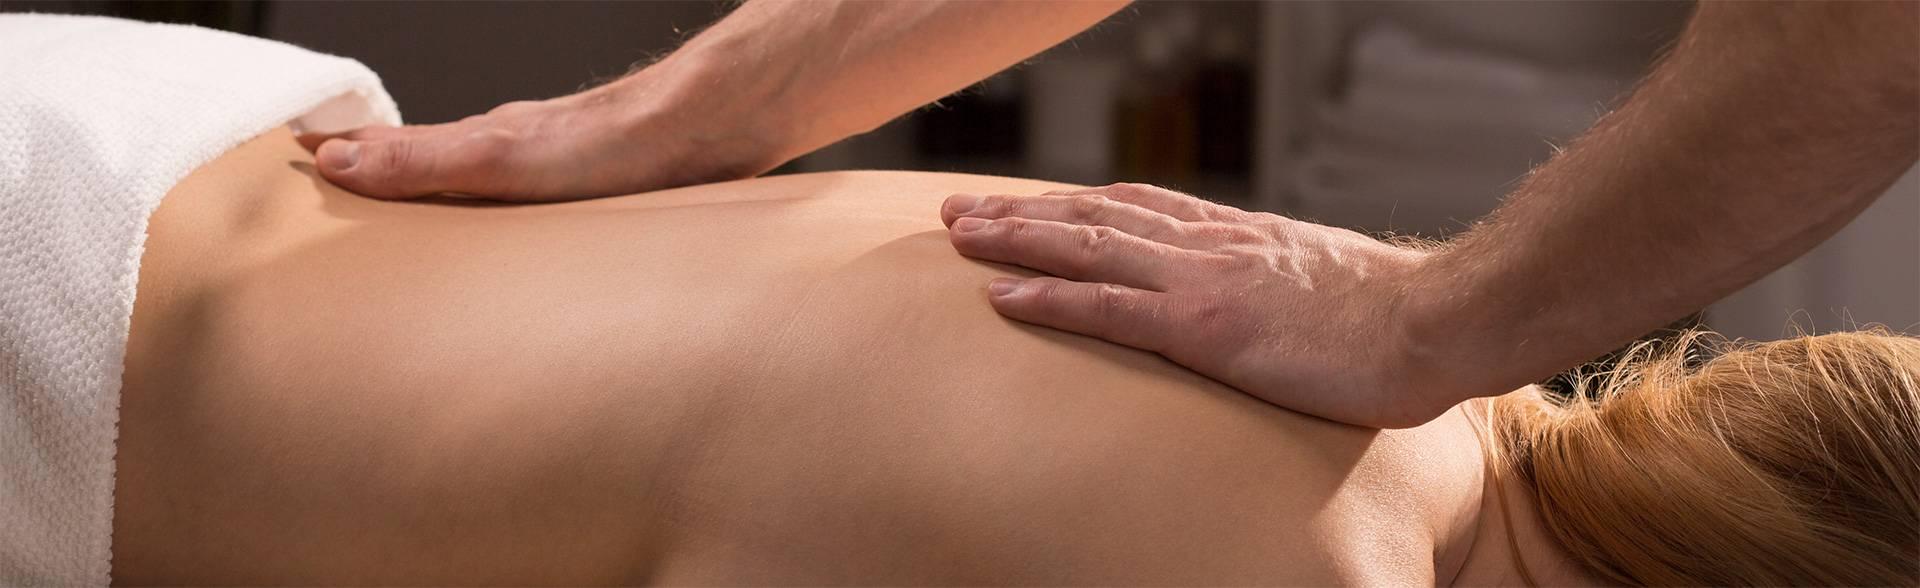 massage stræk